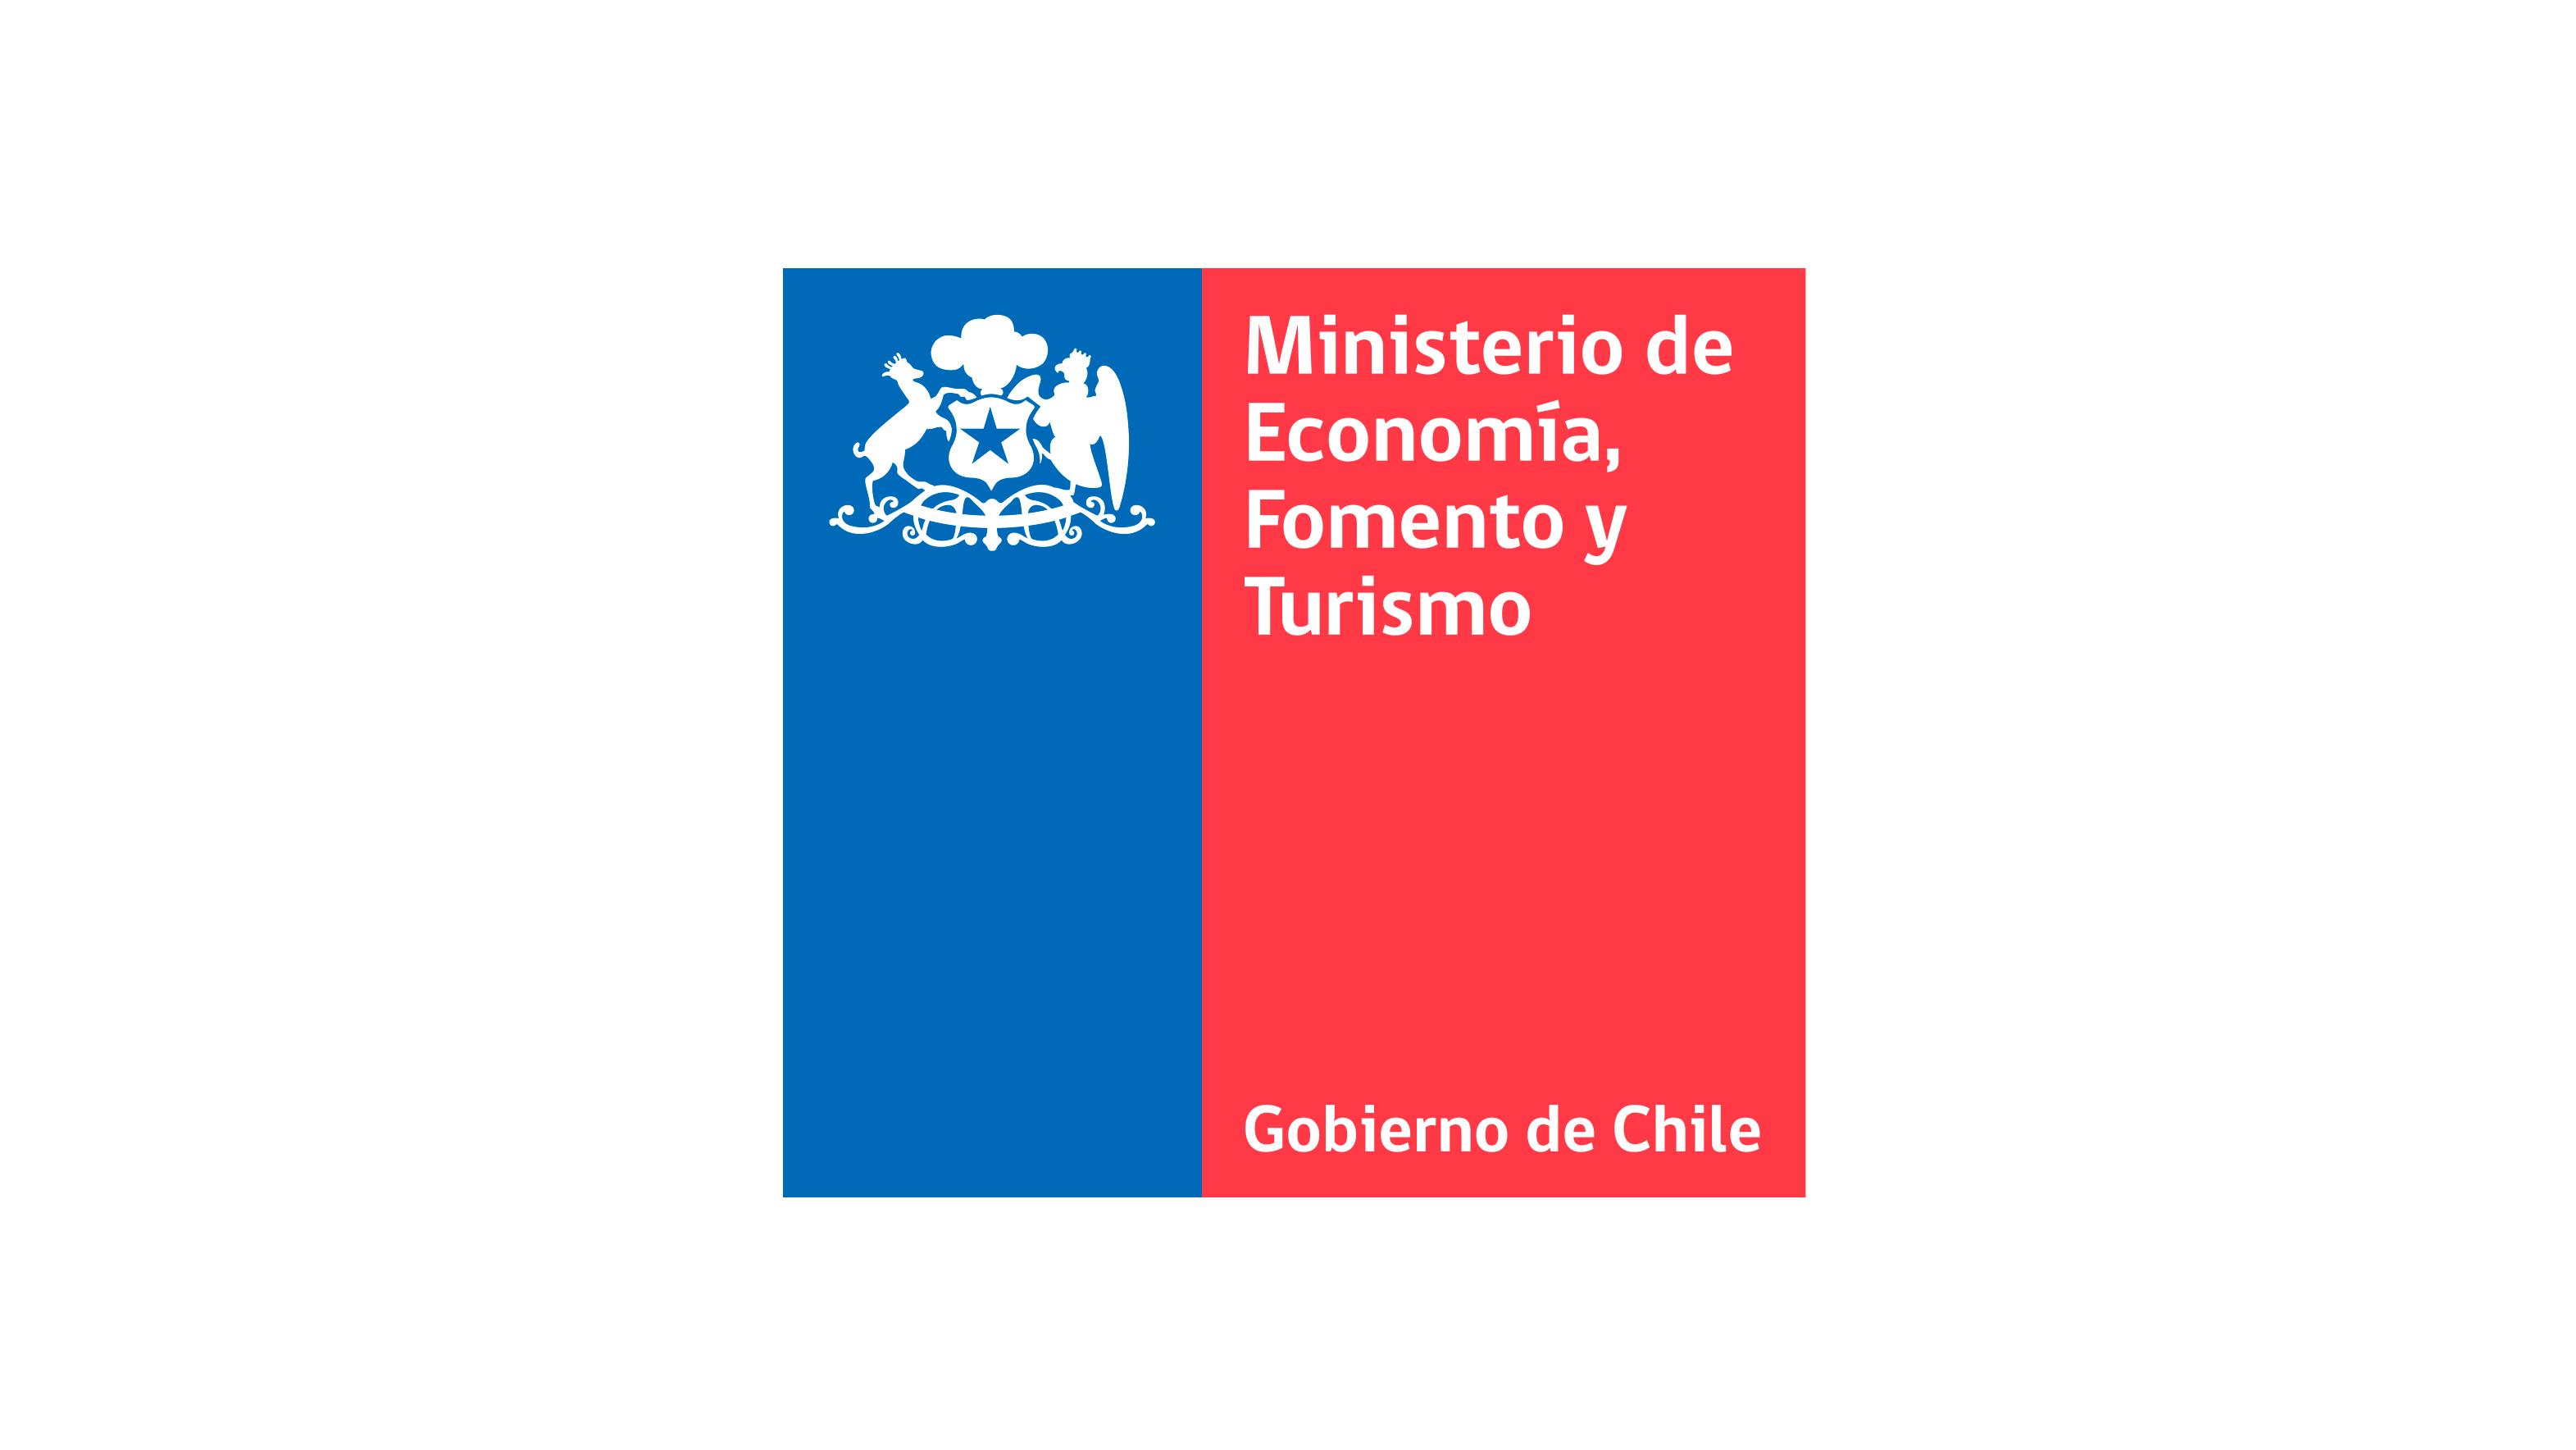 declaracion-publica-ministerio-economia